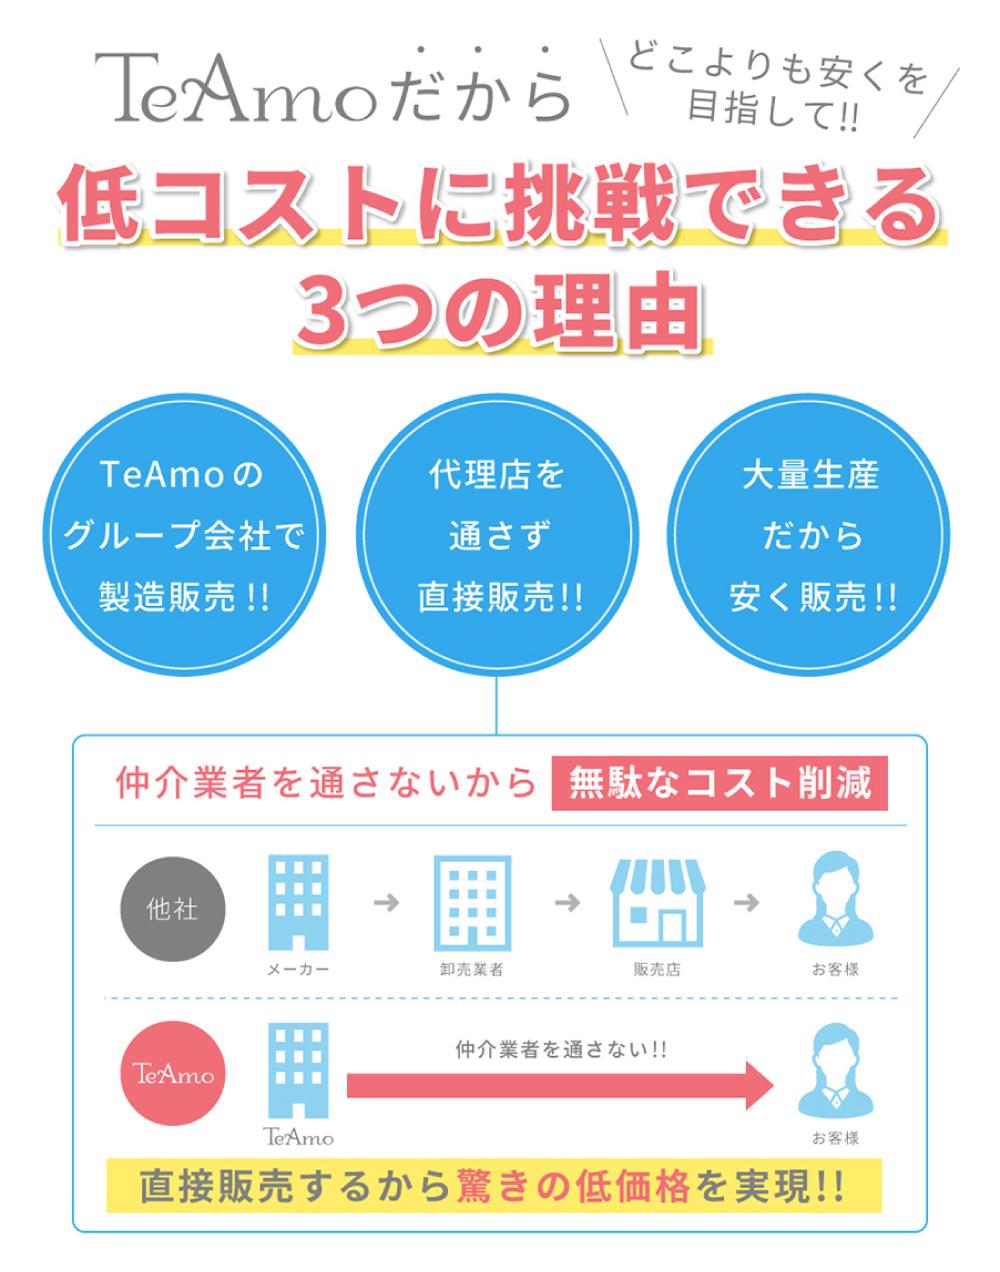 どこよりも安くを目指して!!TeAmoだから低コストに挑戦できる3つの理由 TeAmoのグループ会社で製造販売!! 代理店を通さず直接販売!! 大量生産だから安く販売!! 仲介業者を通さないから無駄なコスト削減 直接販売するから驚きの低価格を実現!!